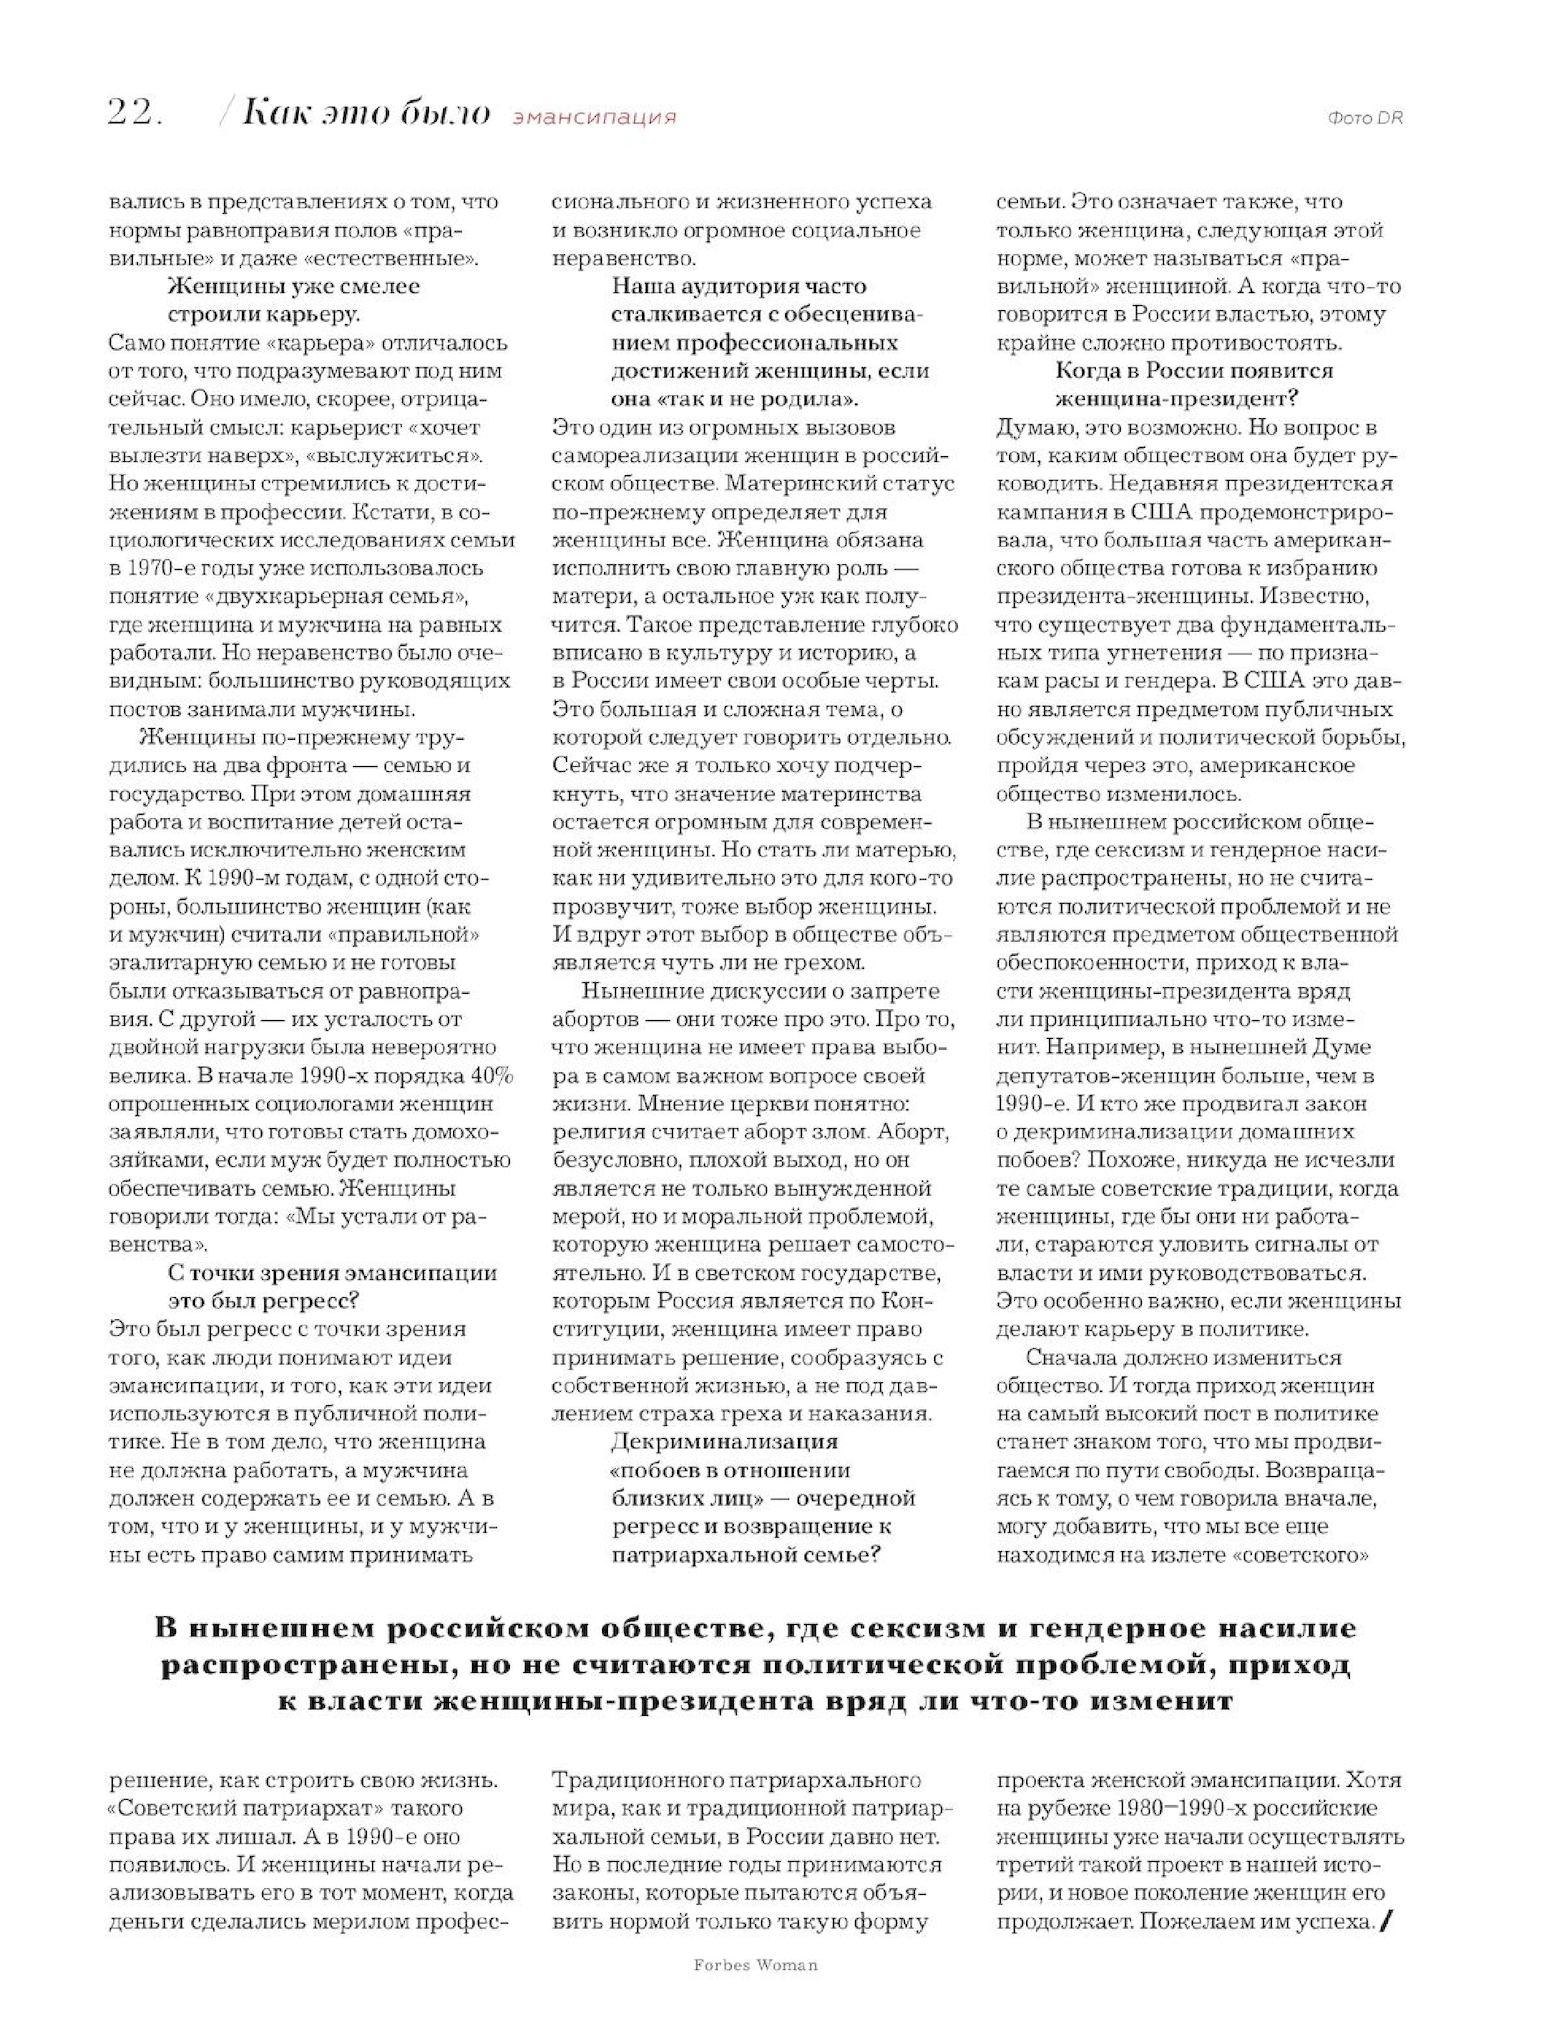 Реестр личных медицинских книжек в Москве Беговой